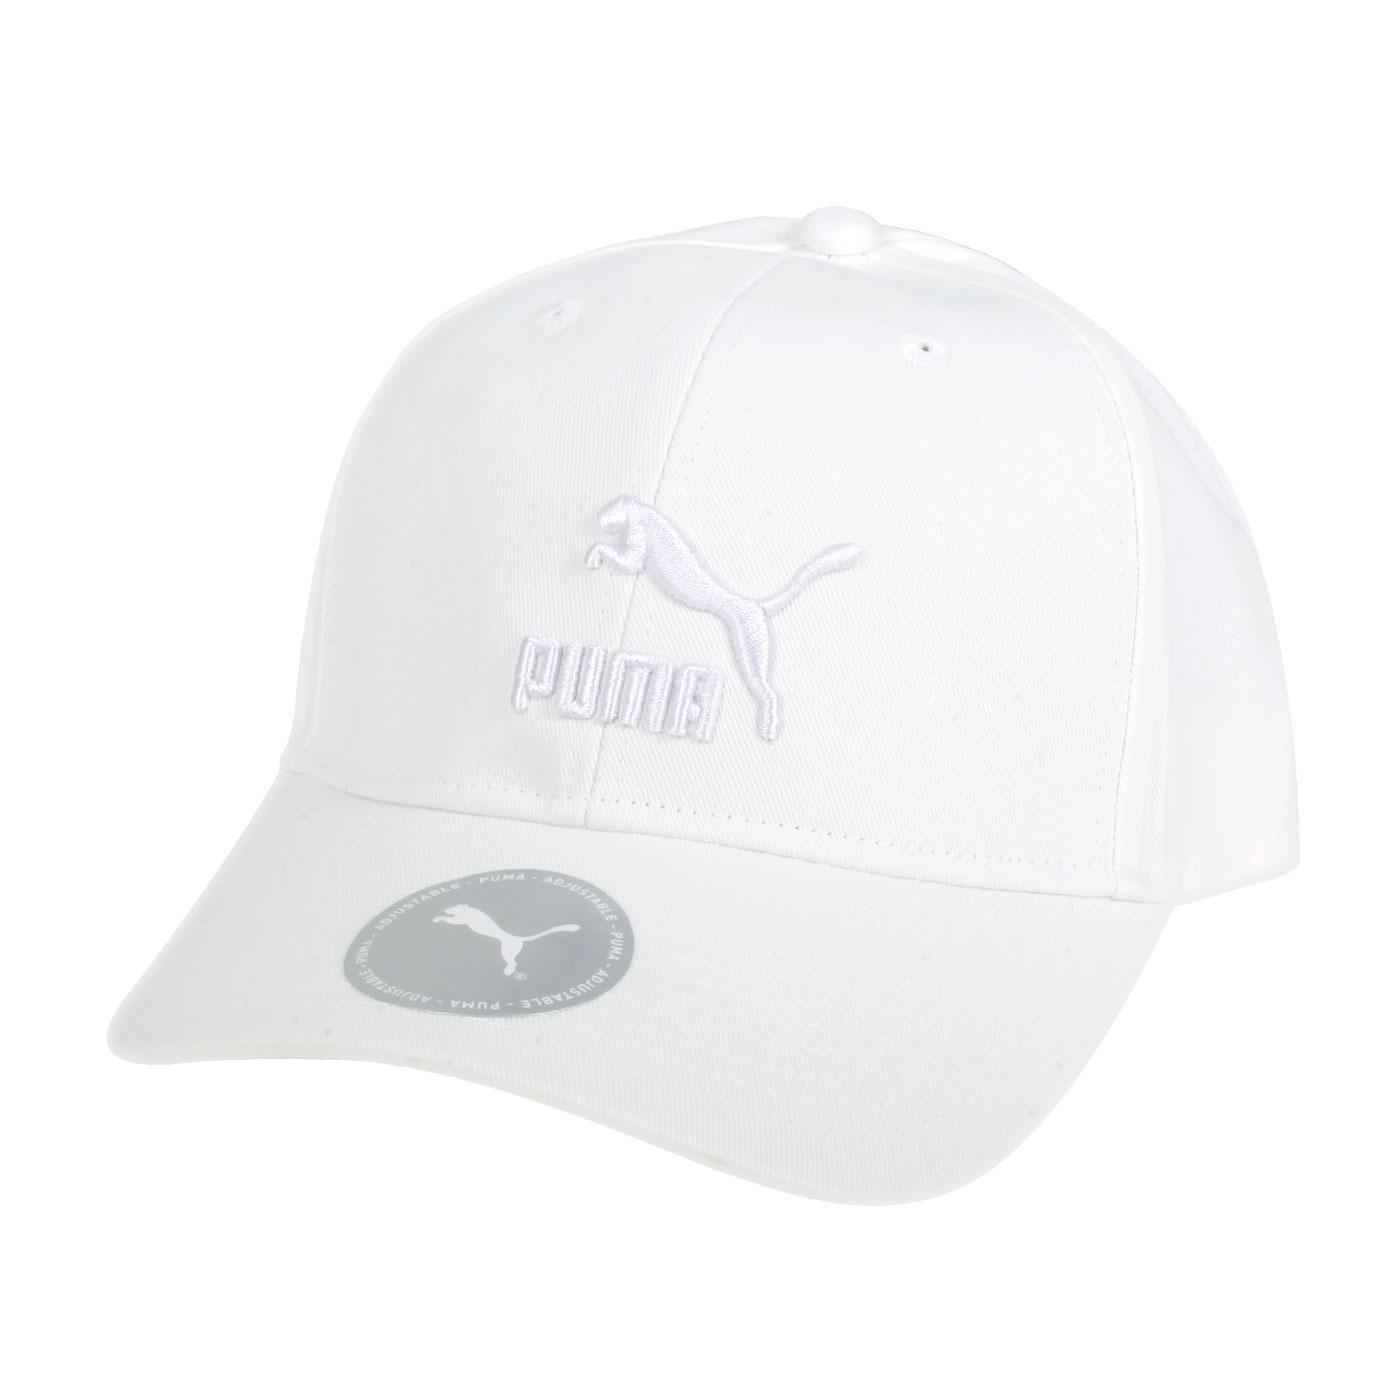 PUMA 流行系列棒球帽 02255412 - 白